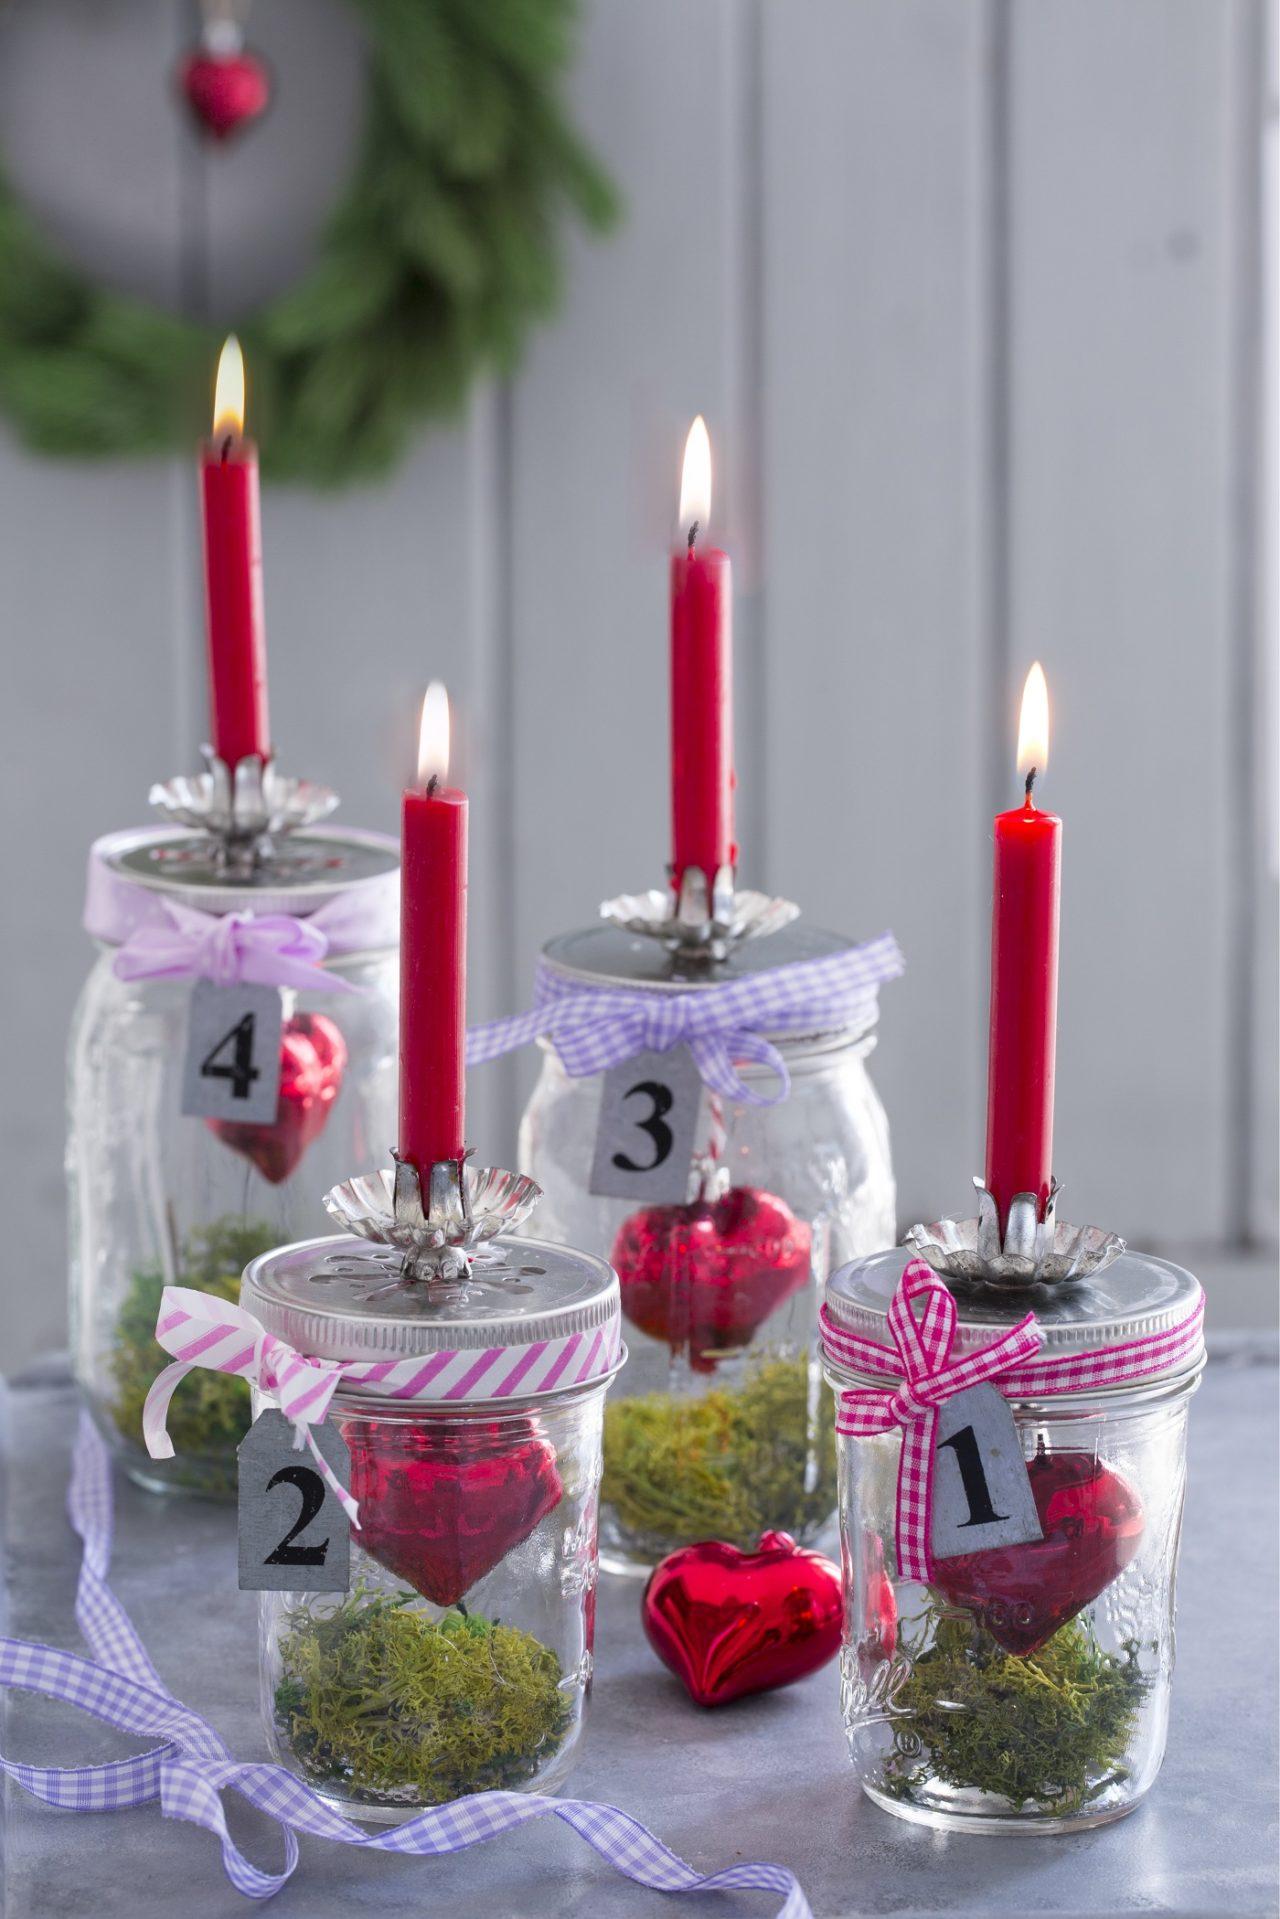 Gläser mit Kerzen als Adventskranz